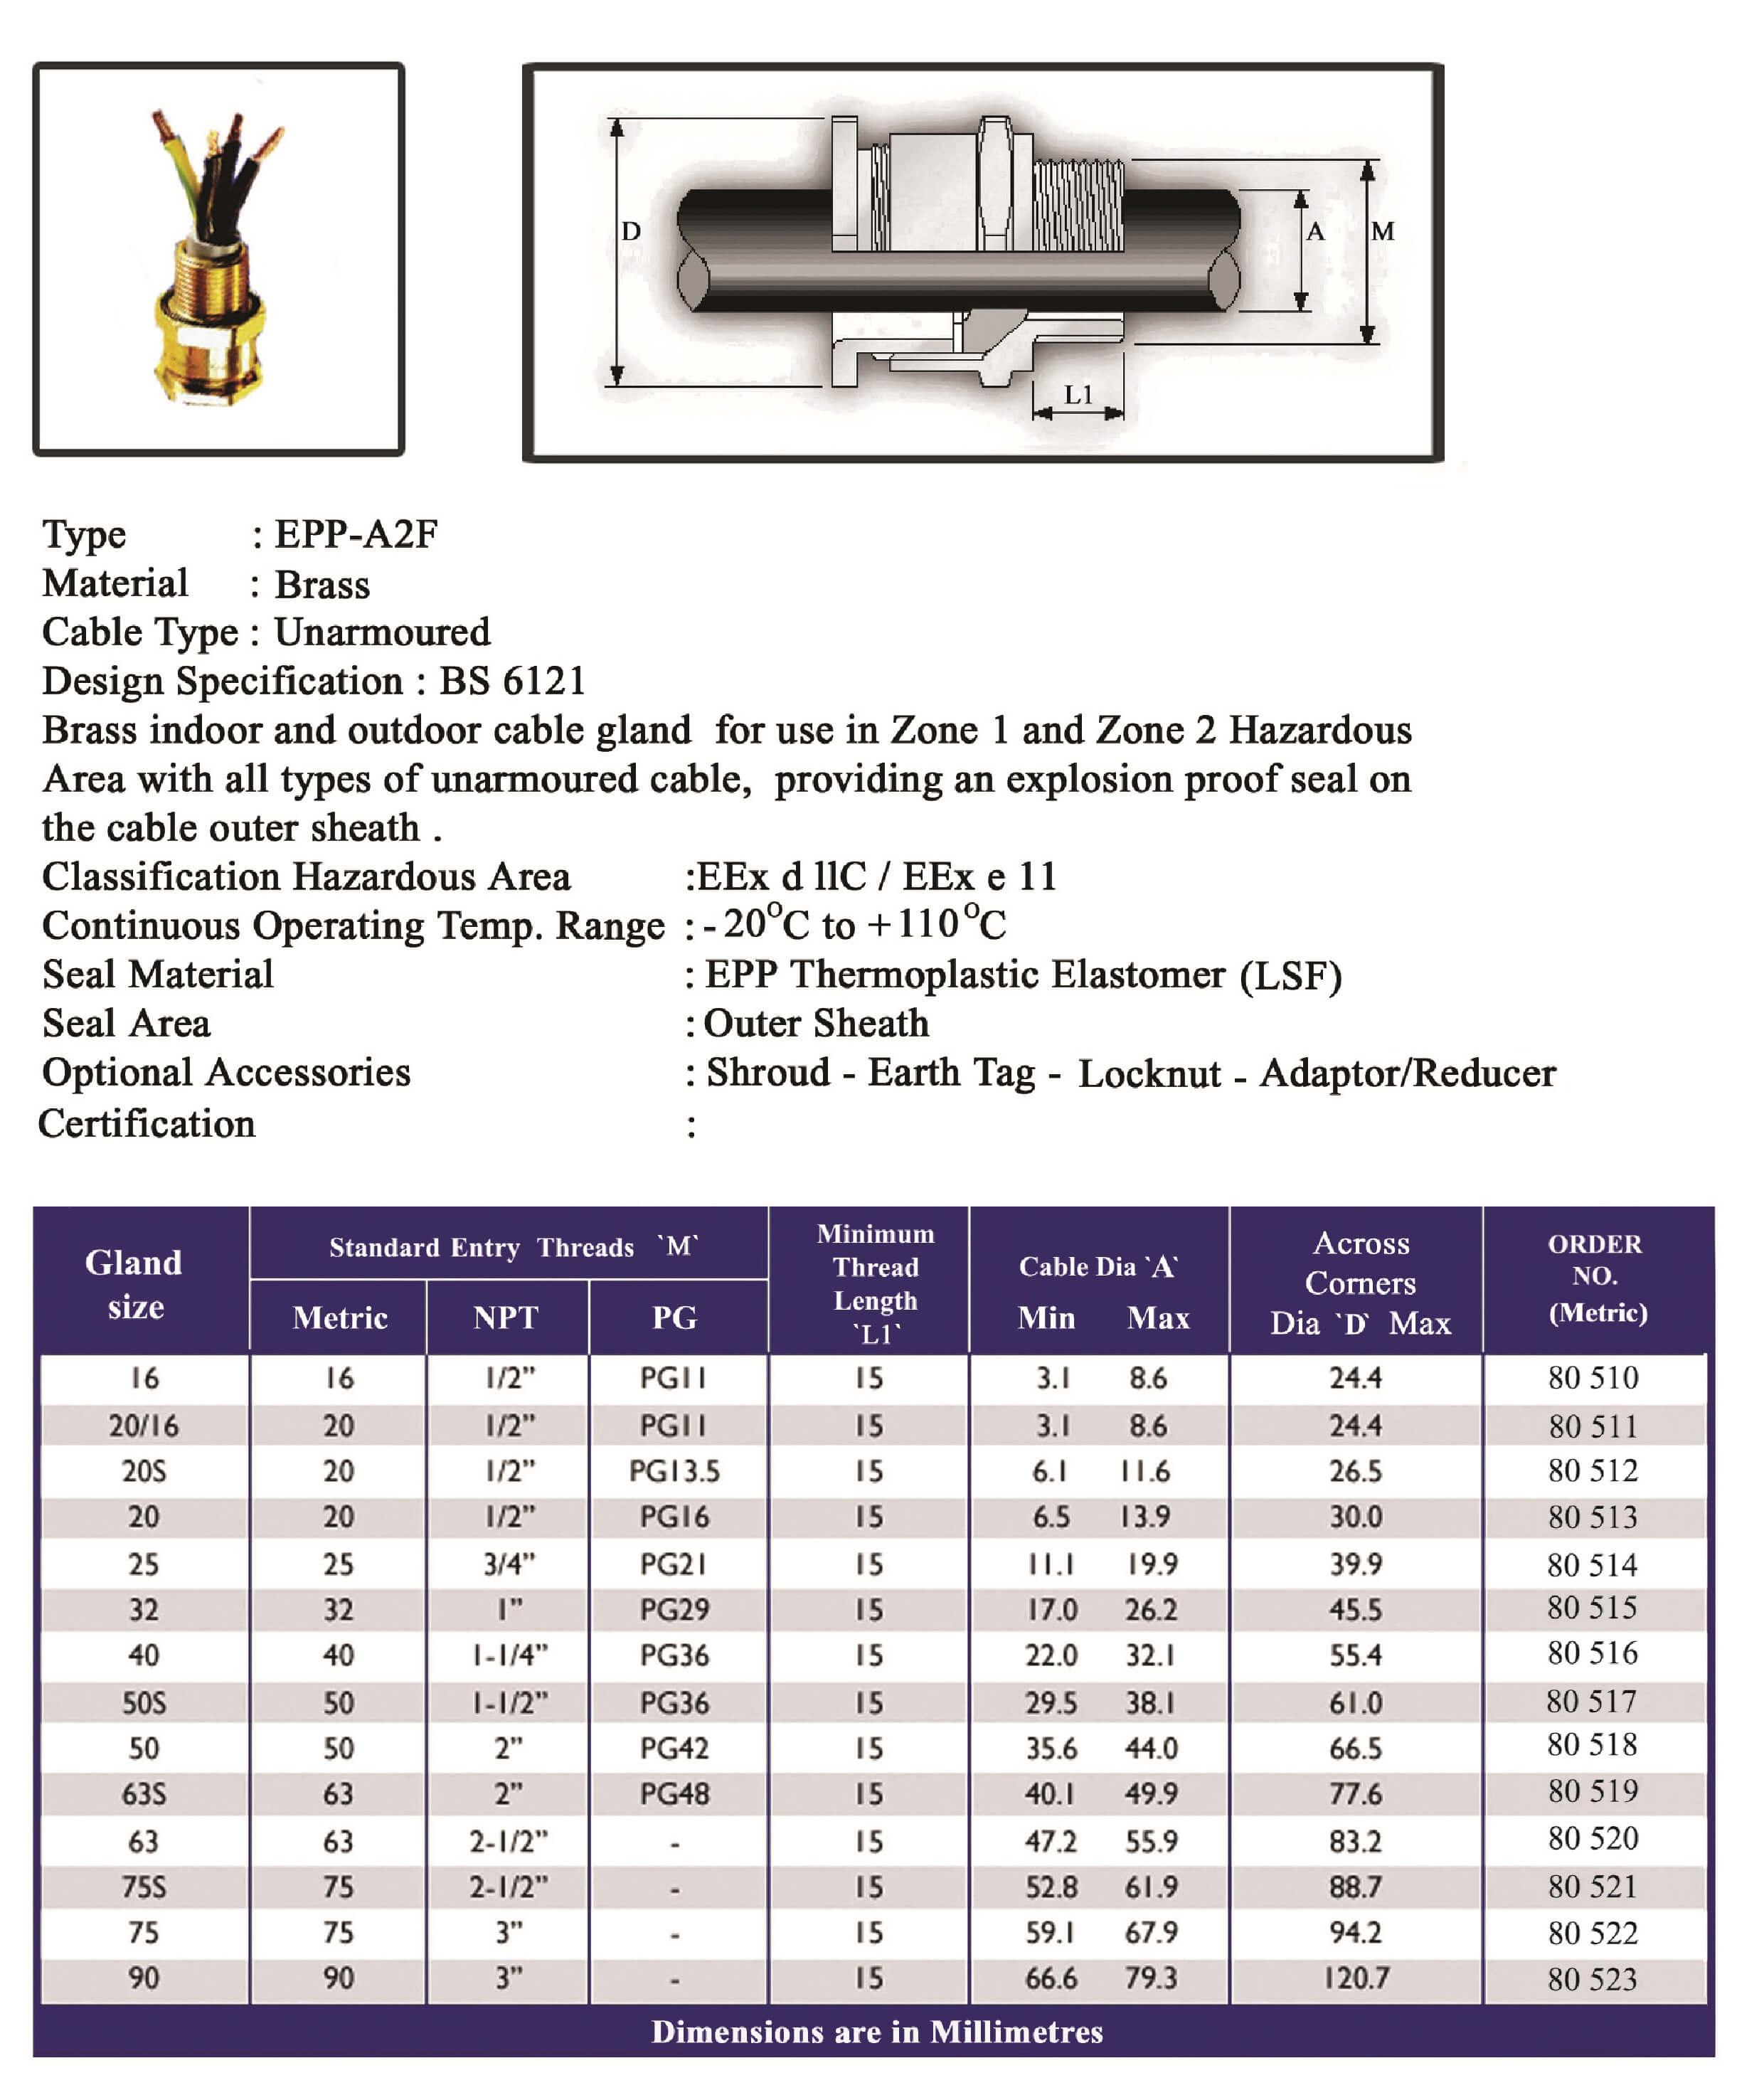 E.P.P - A2F Technical Datasheet